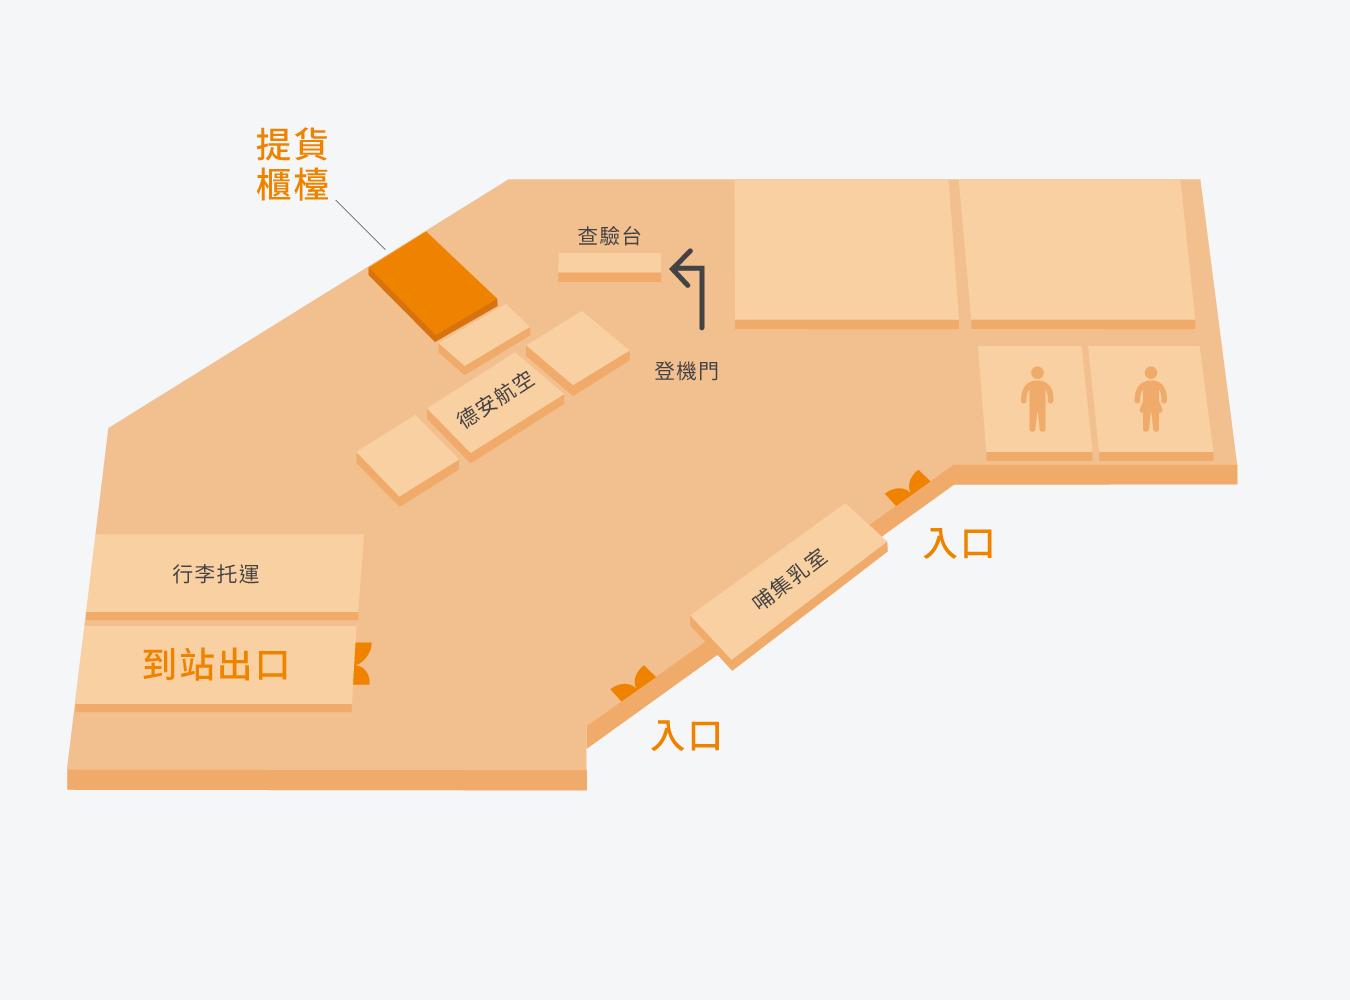 綠島機場平面圖